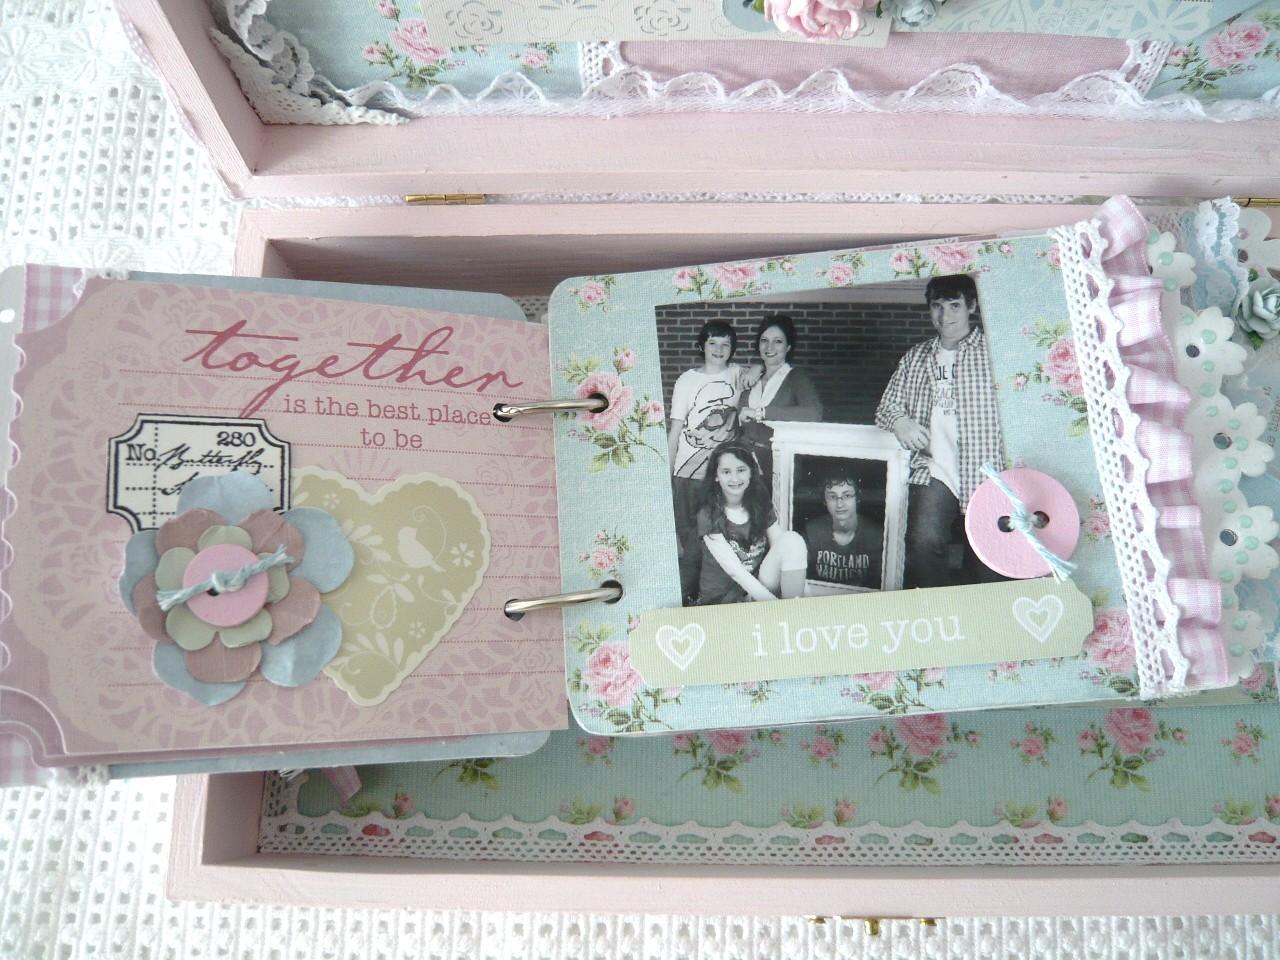 De heerlijke, lieve romantische stijl van het papier vraagt om lekker ...